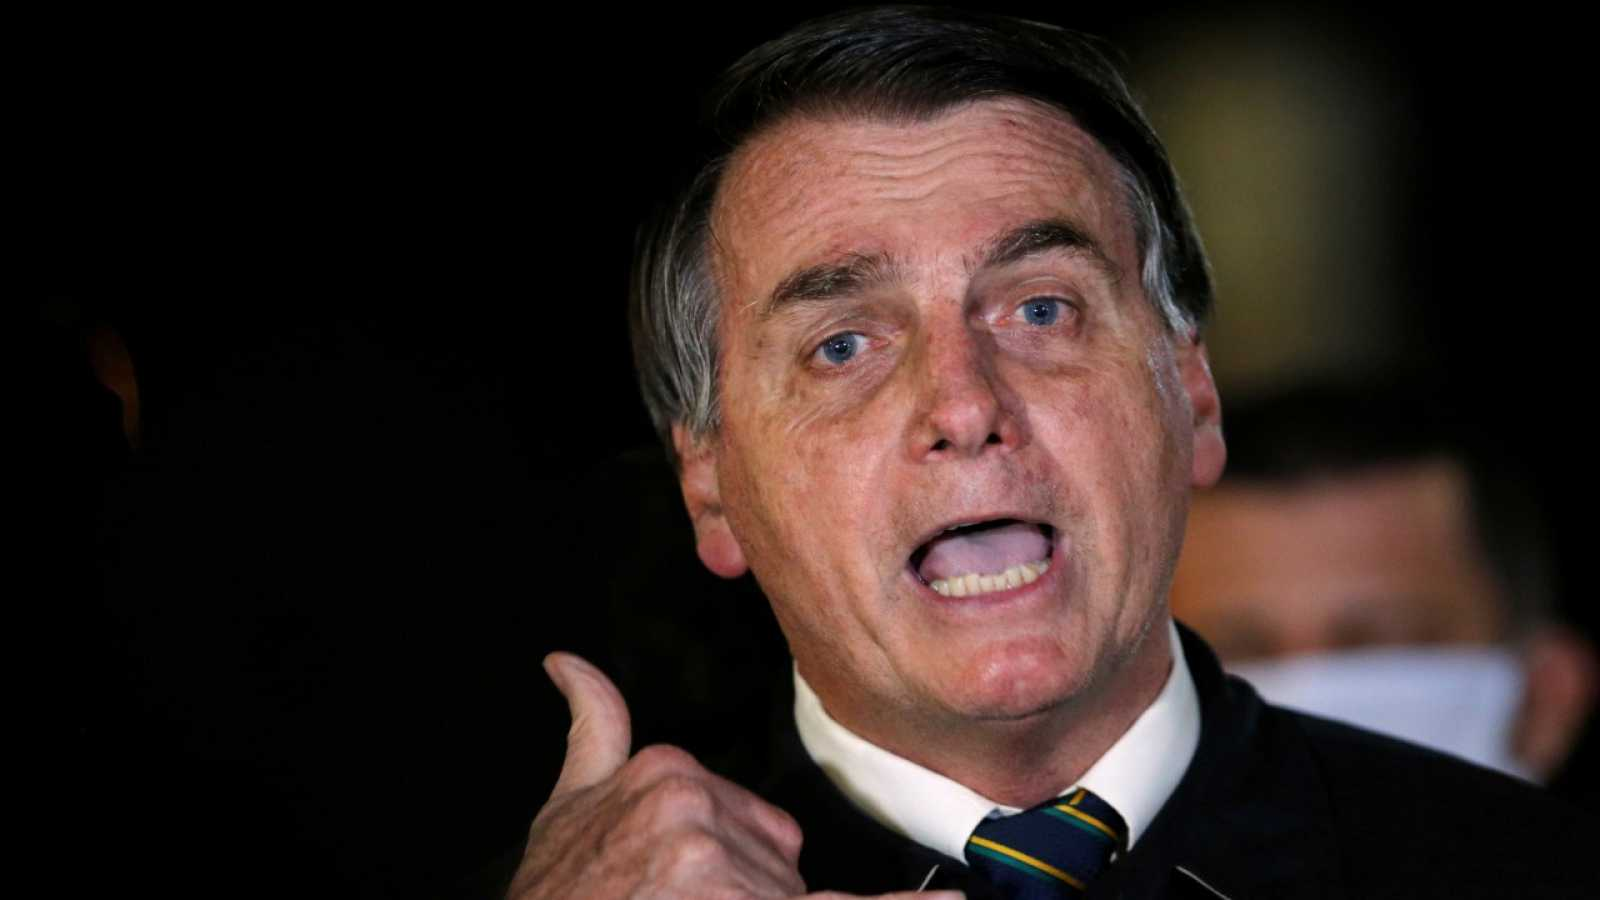 La difusión de un vídeo con insultos y amenzas compromete a Bolsonaro